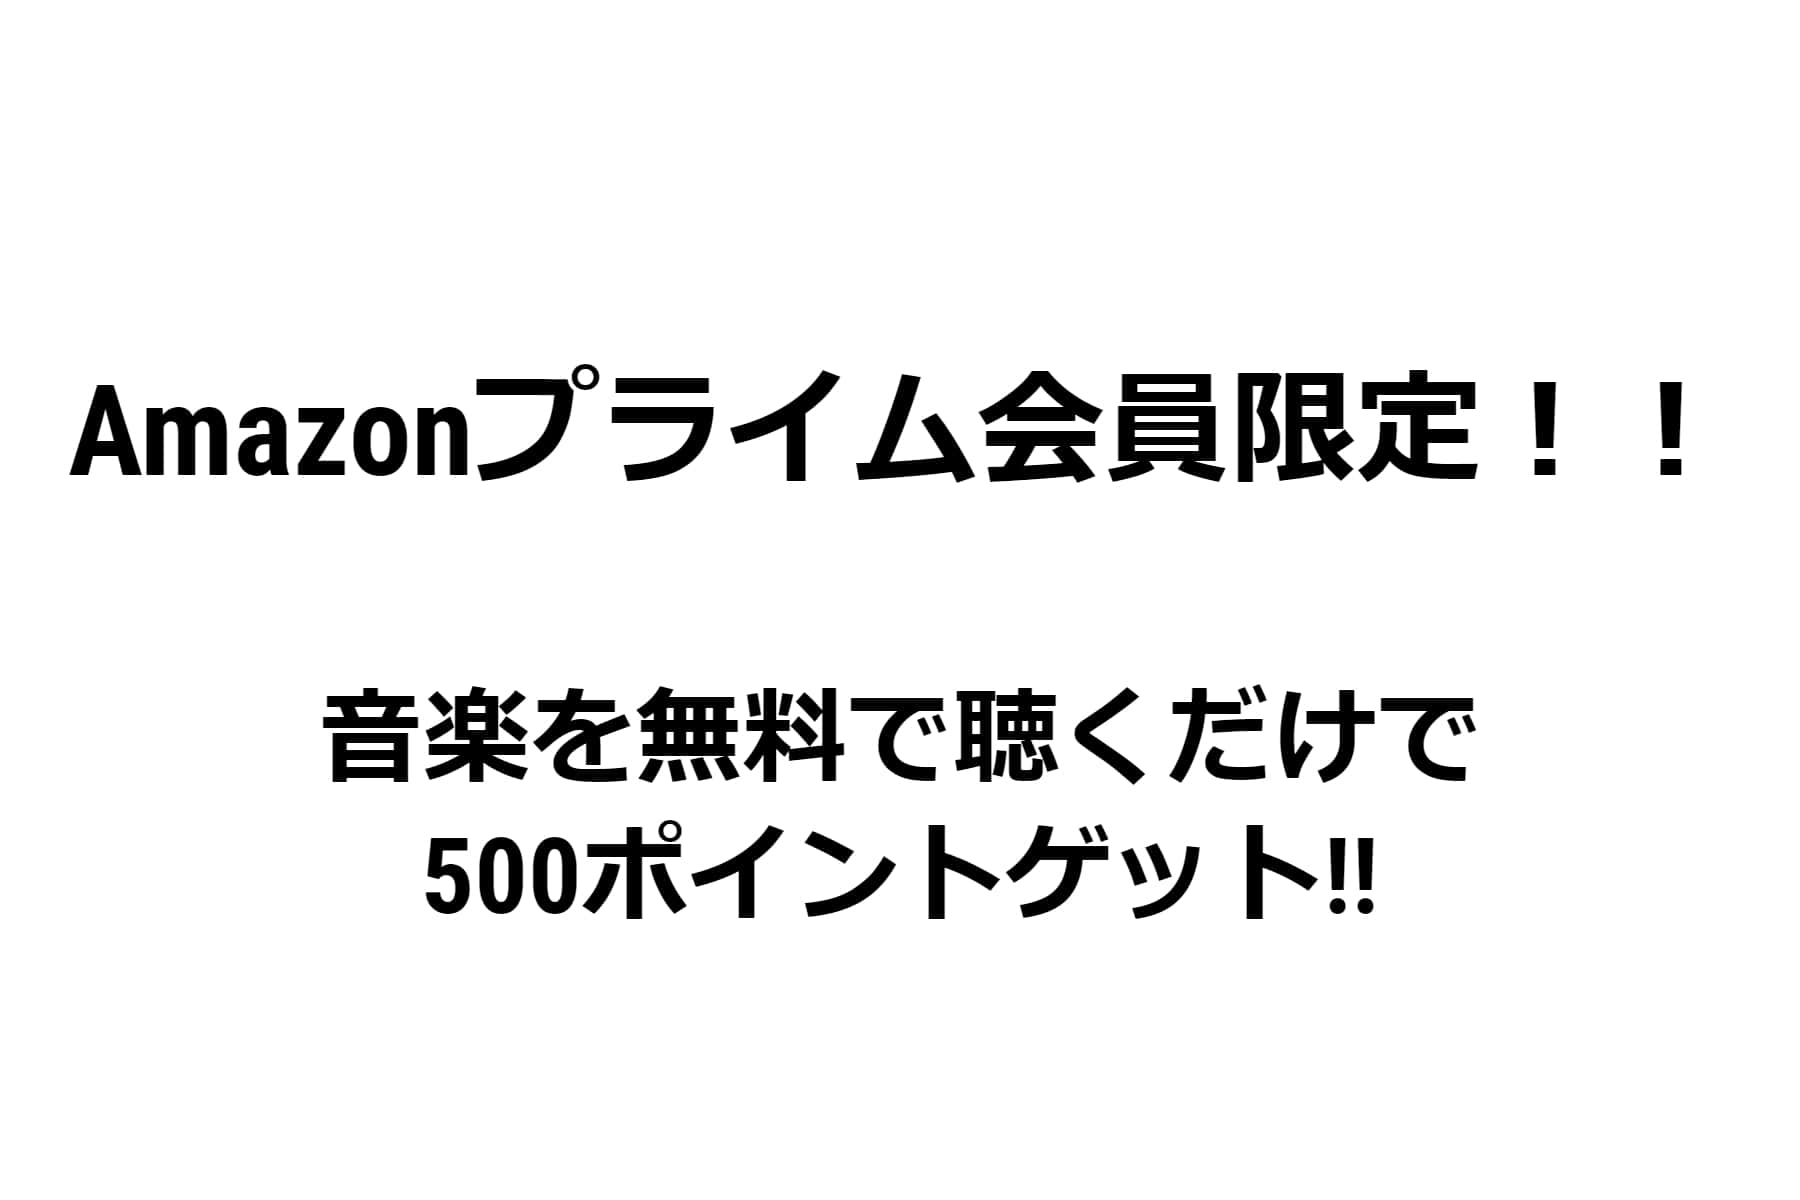 プライム会員限定!アマゾンミュージックの無料体験で音楽を聴けば500ポイントゲット!